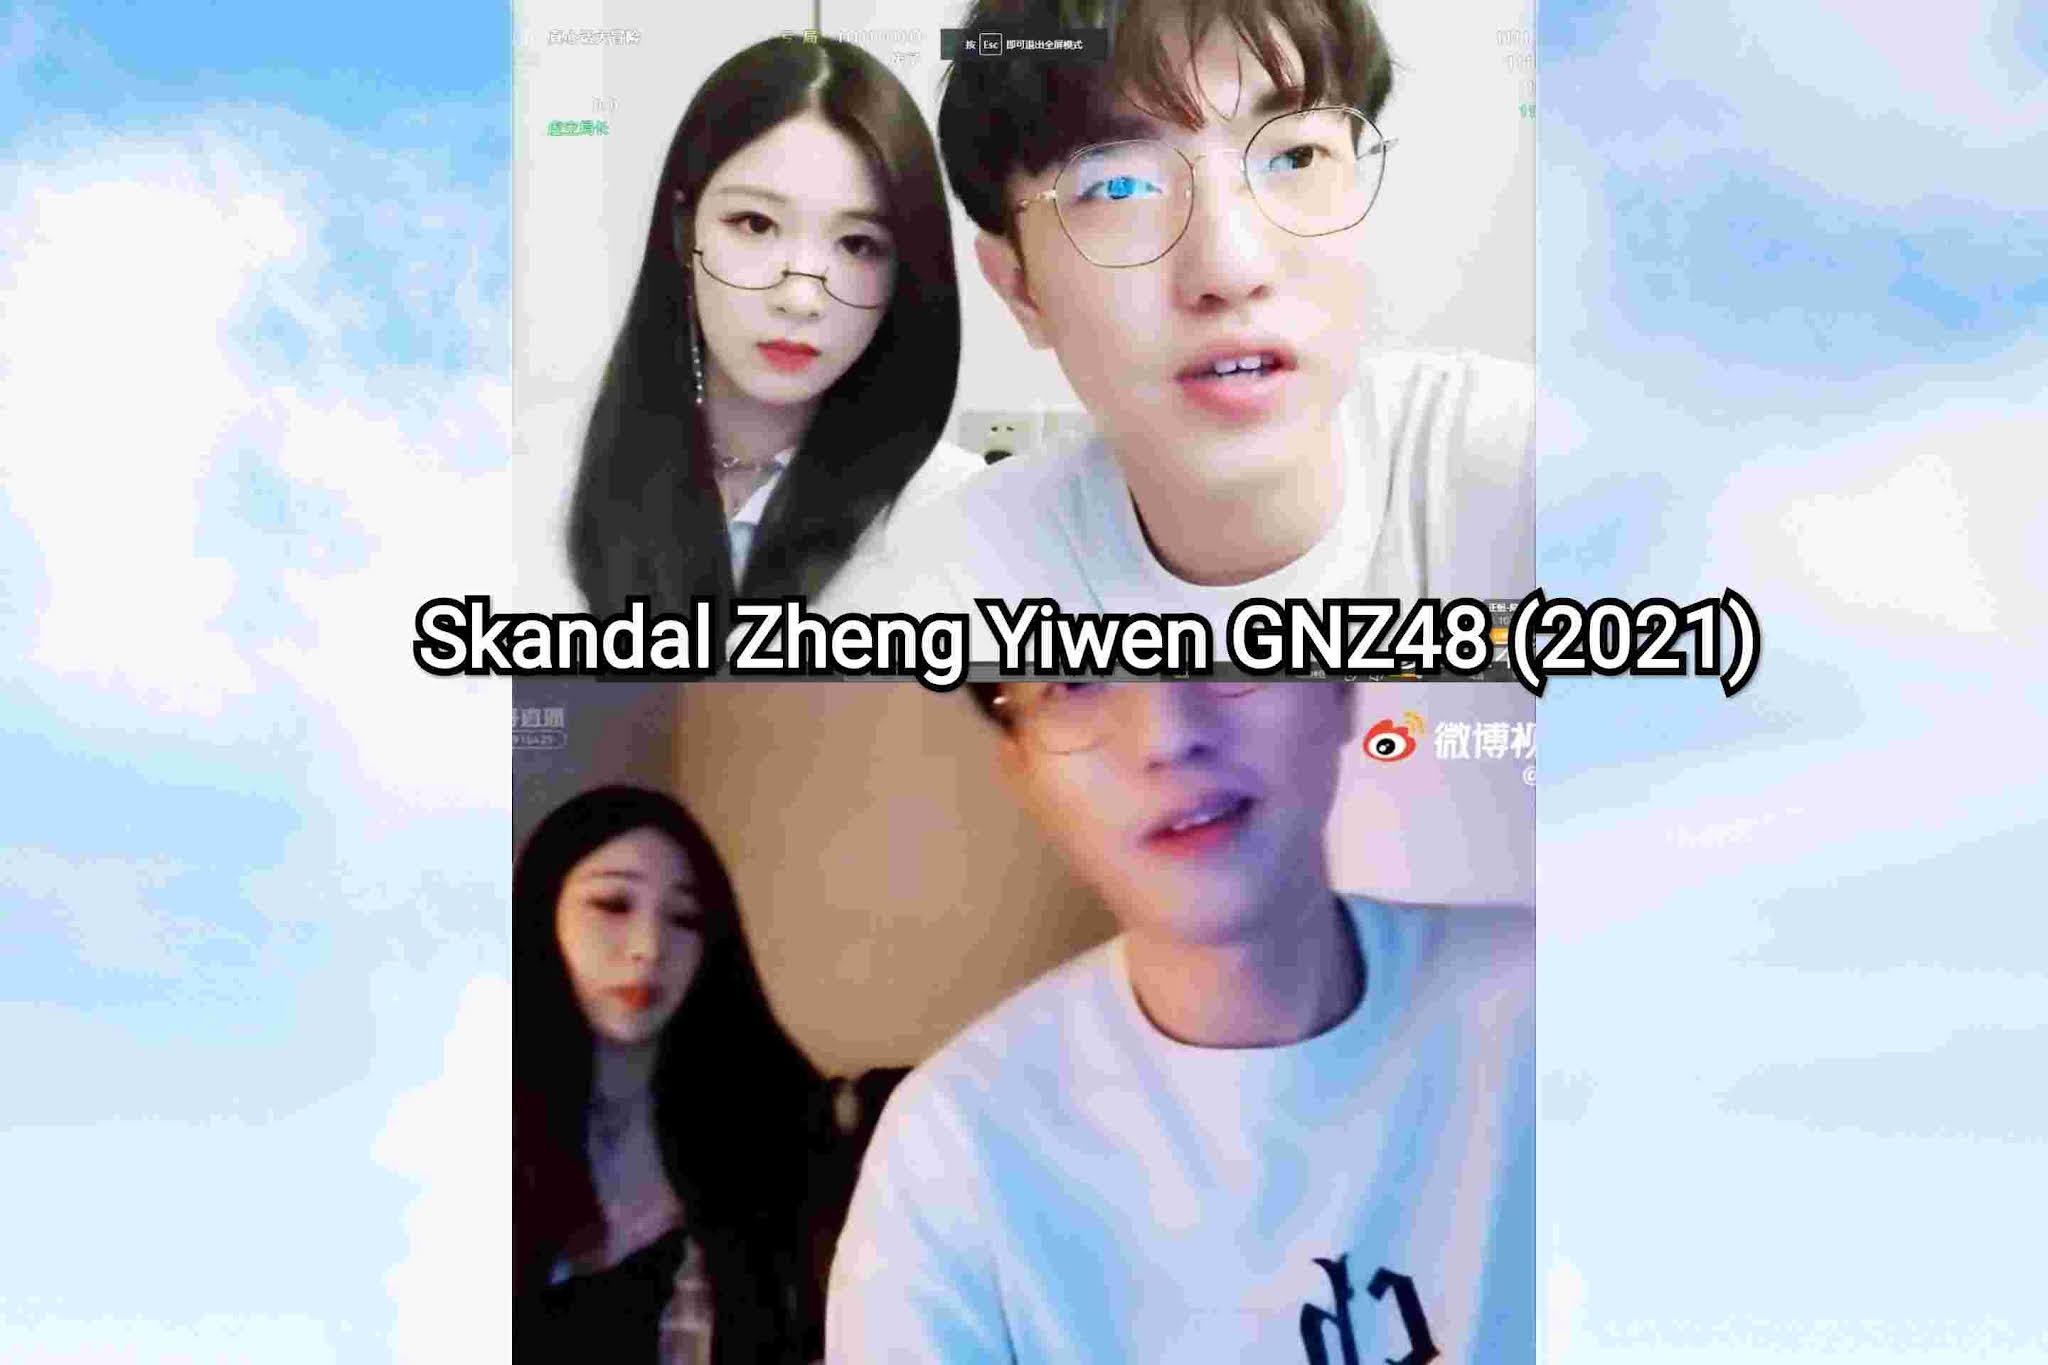 skandal zheng yiwen gnz48 graduate